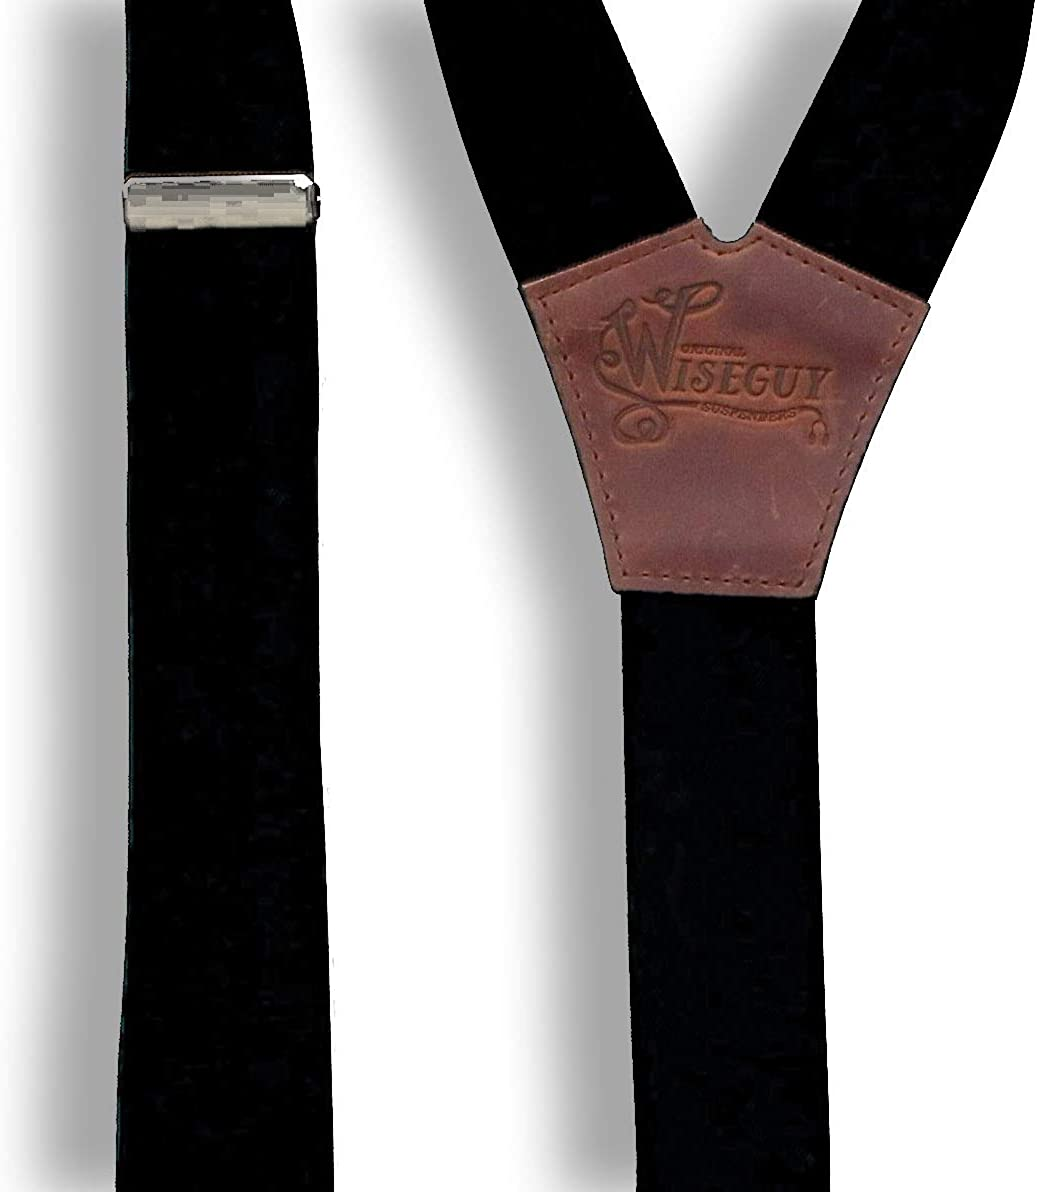 bretelles de qualit/é sup/érieure faites /à la main Wiseguy Bretelles de pantalon en cuir marron et noir naturel pour homme et femme 2,5 cm de large